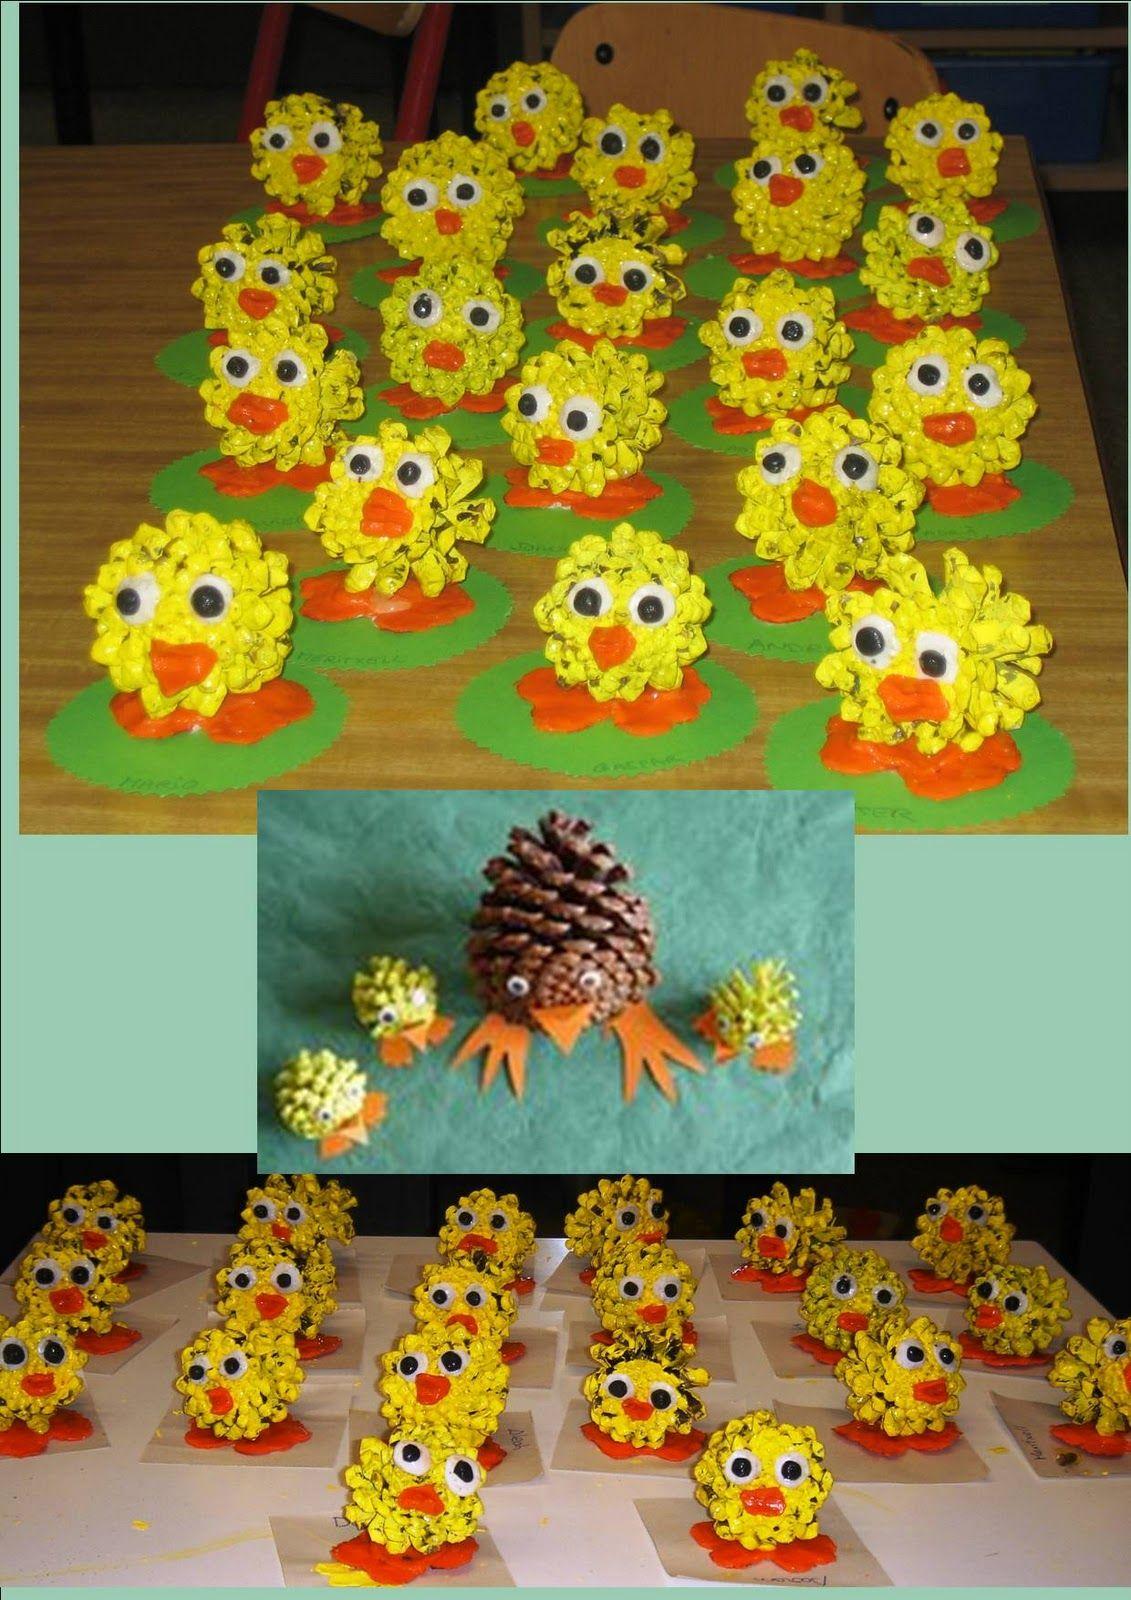 Creacio De Pasqua Feta Per Infants De 4 A 6 Anys Els Ulls